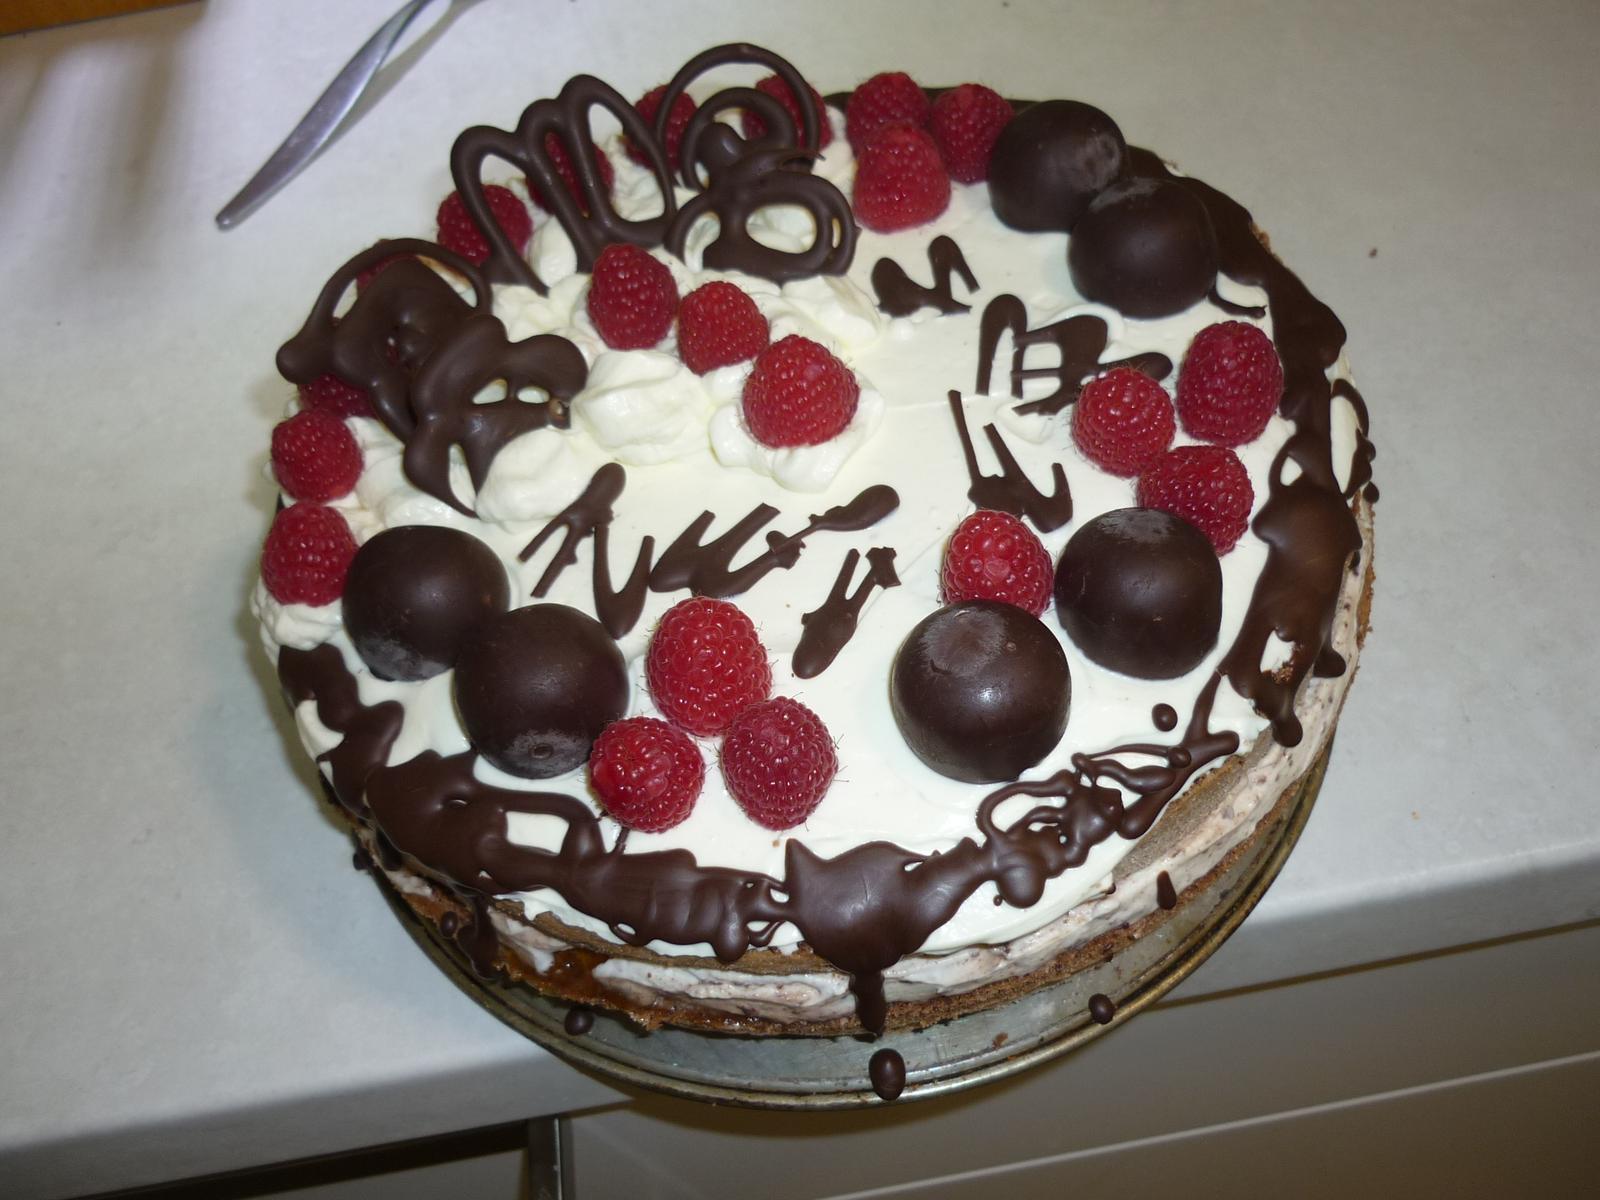 Což dát si něco k snědku - Můj první nahej dort - koukám,že koulím to v lednici nesvědčí - nějak začaly šednout -kdyžtak je zítra vyměním